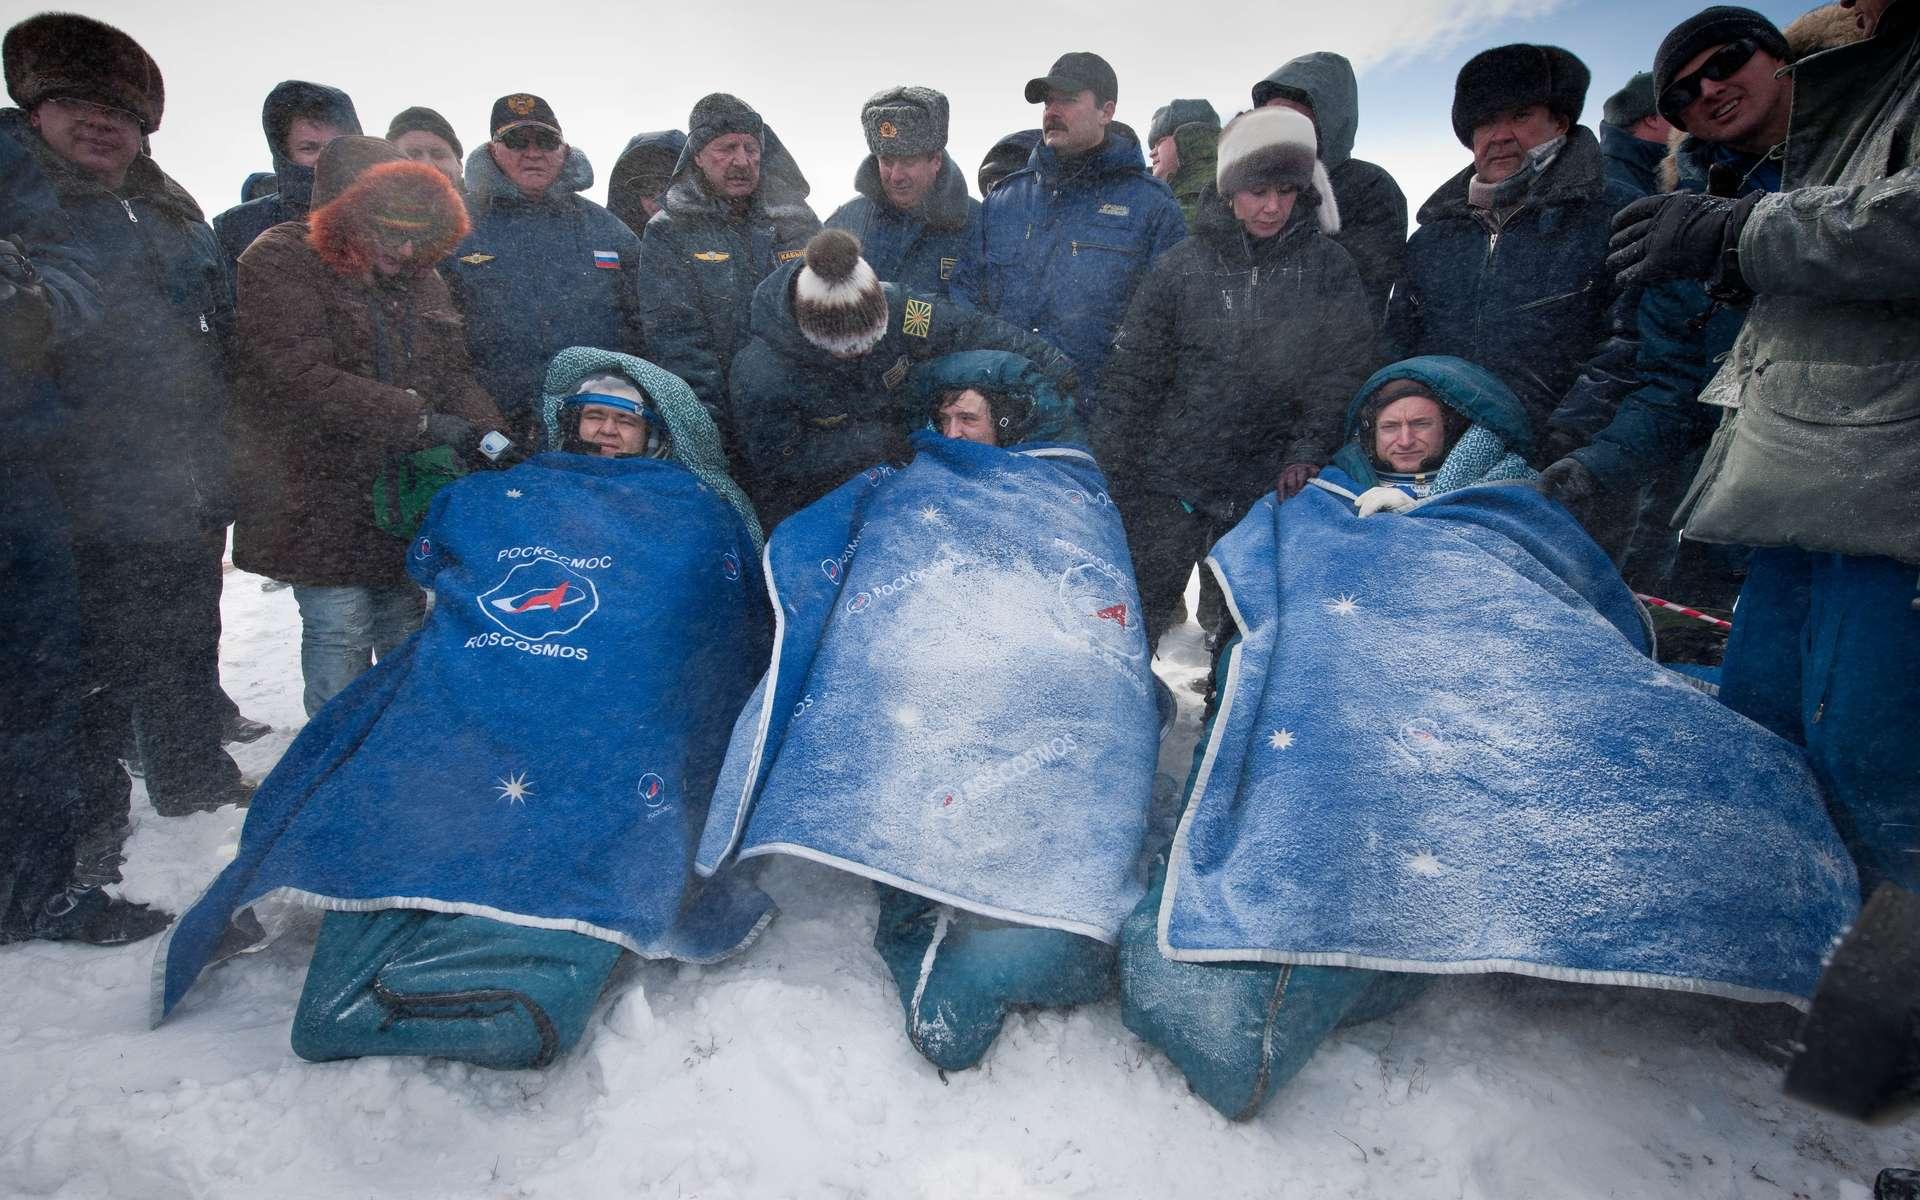 Les cosmonautes russes Oleg Skripotchka (à gauche), Alexandre Kaleri (au centre) et l'astronaute américain Scott Kelly (à droite) sont revenus sur Terre après cinq mois dans l'espace. © Nasa/Bill Ingals